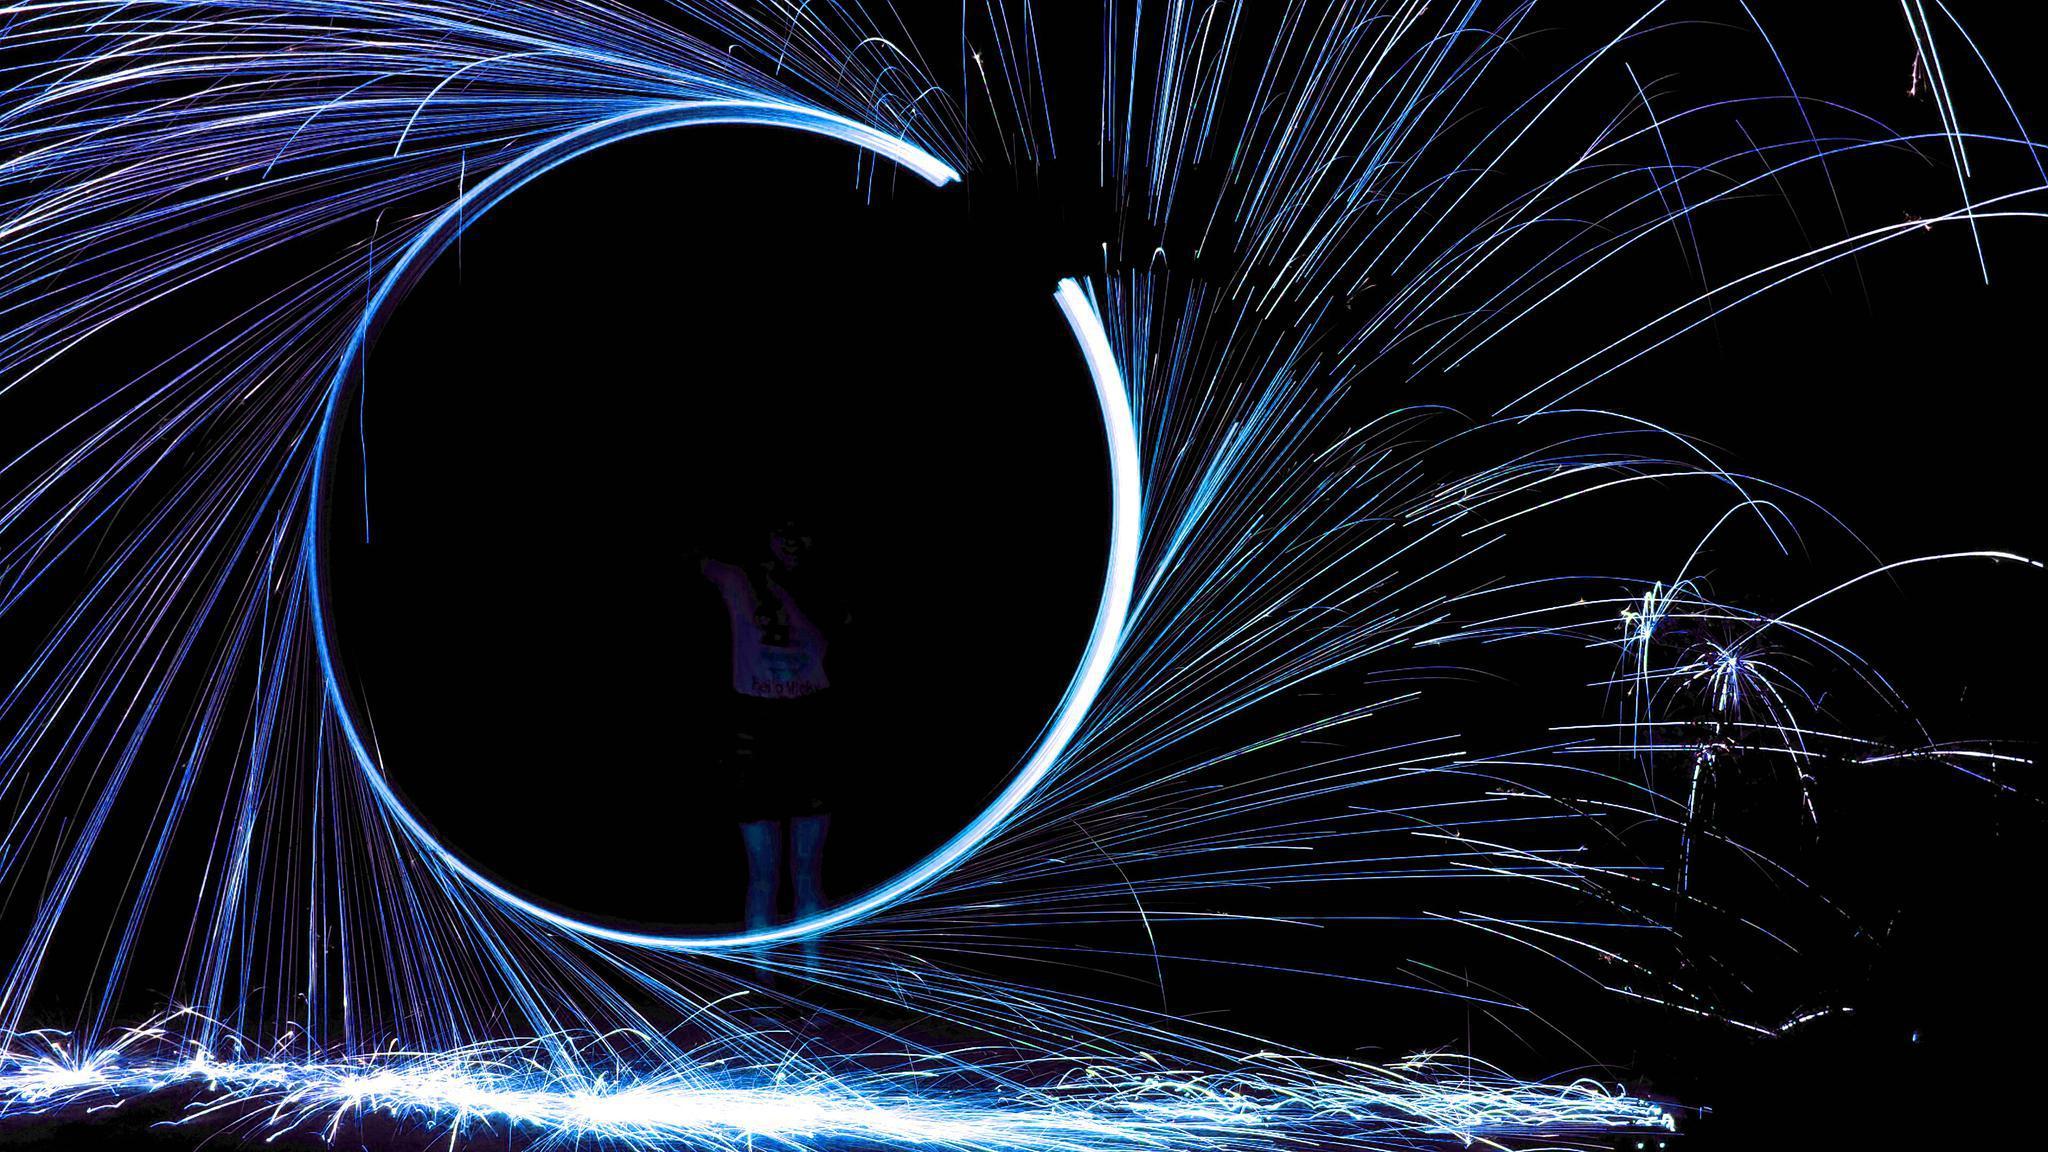 努比亚Z17mini光绘拍摄作品之一